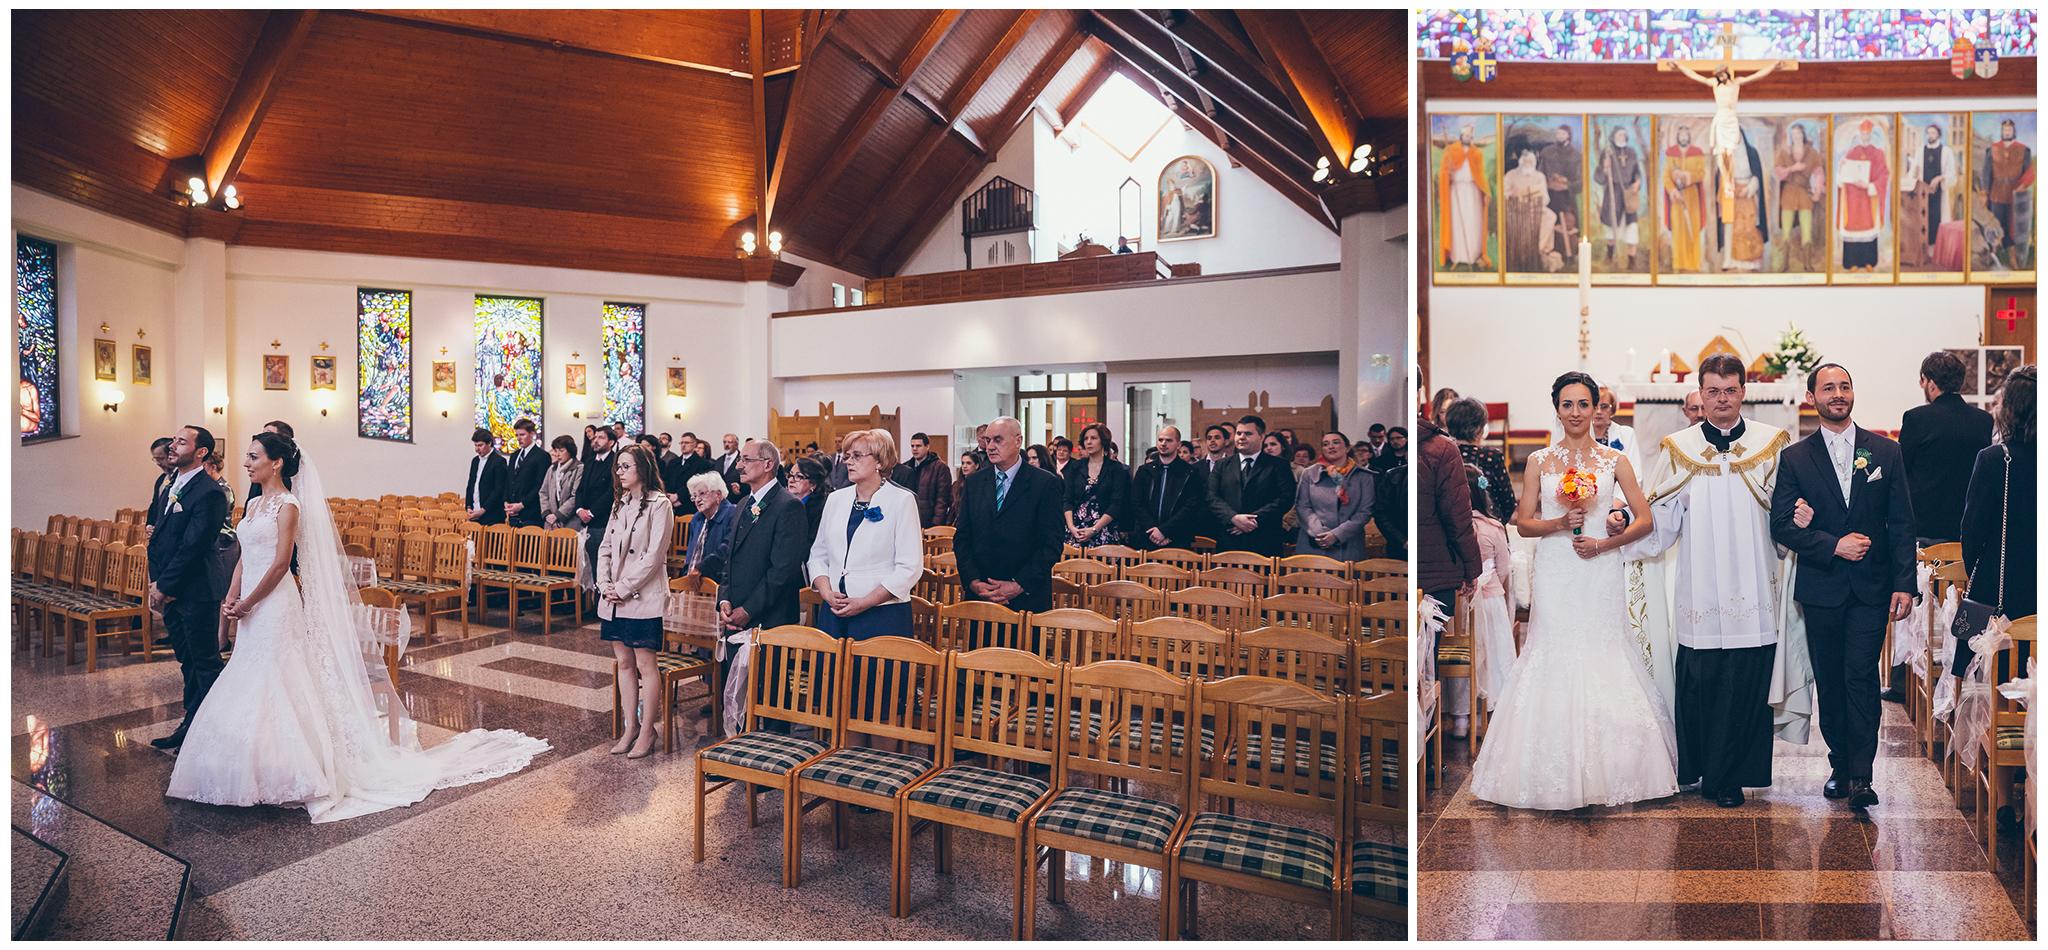 FylepPhoto, esküvőfotós, esküvői fotós Körmend, Szombathely, esküvőfotózás, magyarország, vas megye, prémium, jegyesfotózás, Fülöp Péter, körmend, kreatív, fotográfus_019.jpg